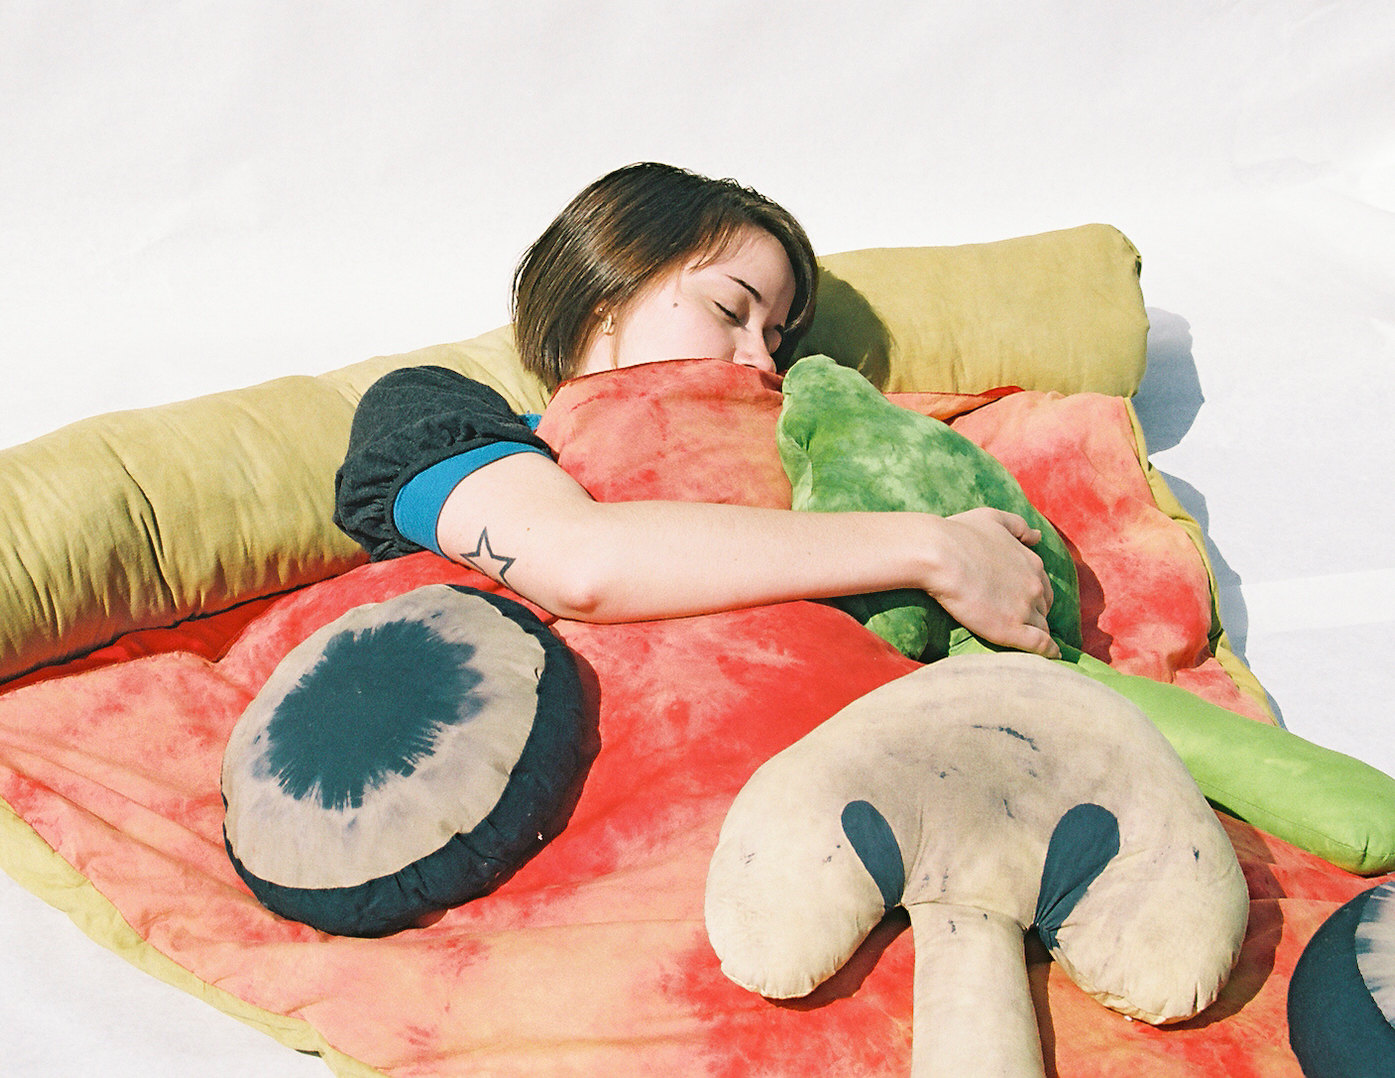 ピザの寝袋や、ゆっくりと沈み込むジャガバターのソファー、さらにワッフルのクッションまで。4